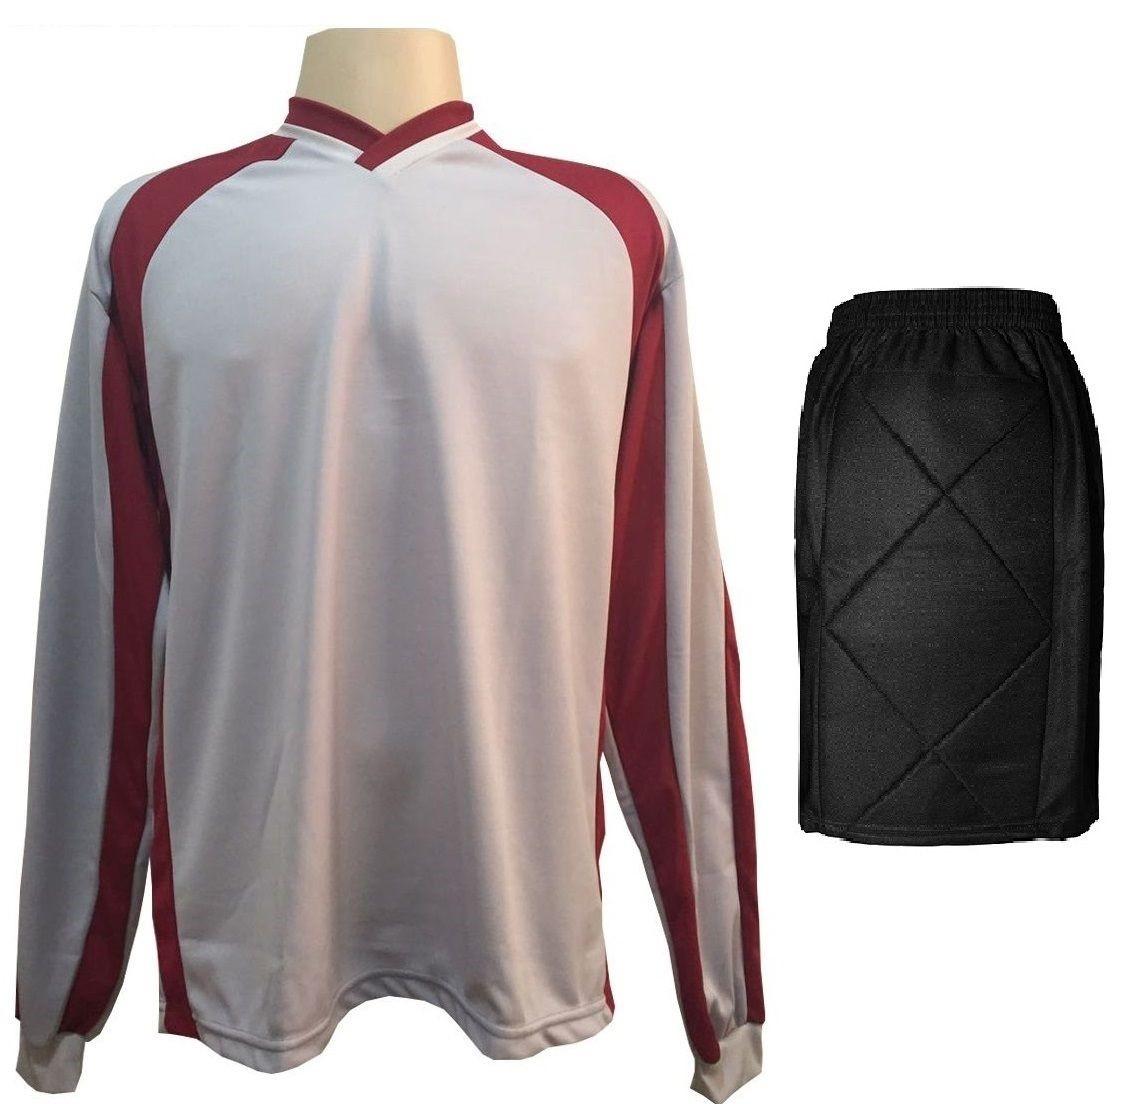 Uniforme Esportivo com 20 camisas modelo Milan Preto/Vermelho + 20 calções modelo Copa + 1 Goleiro + Brindes